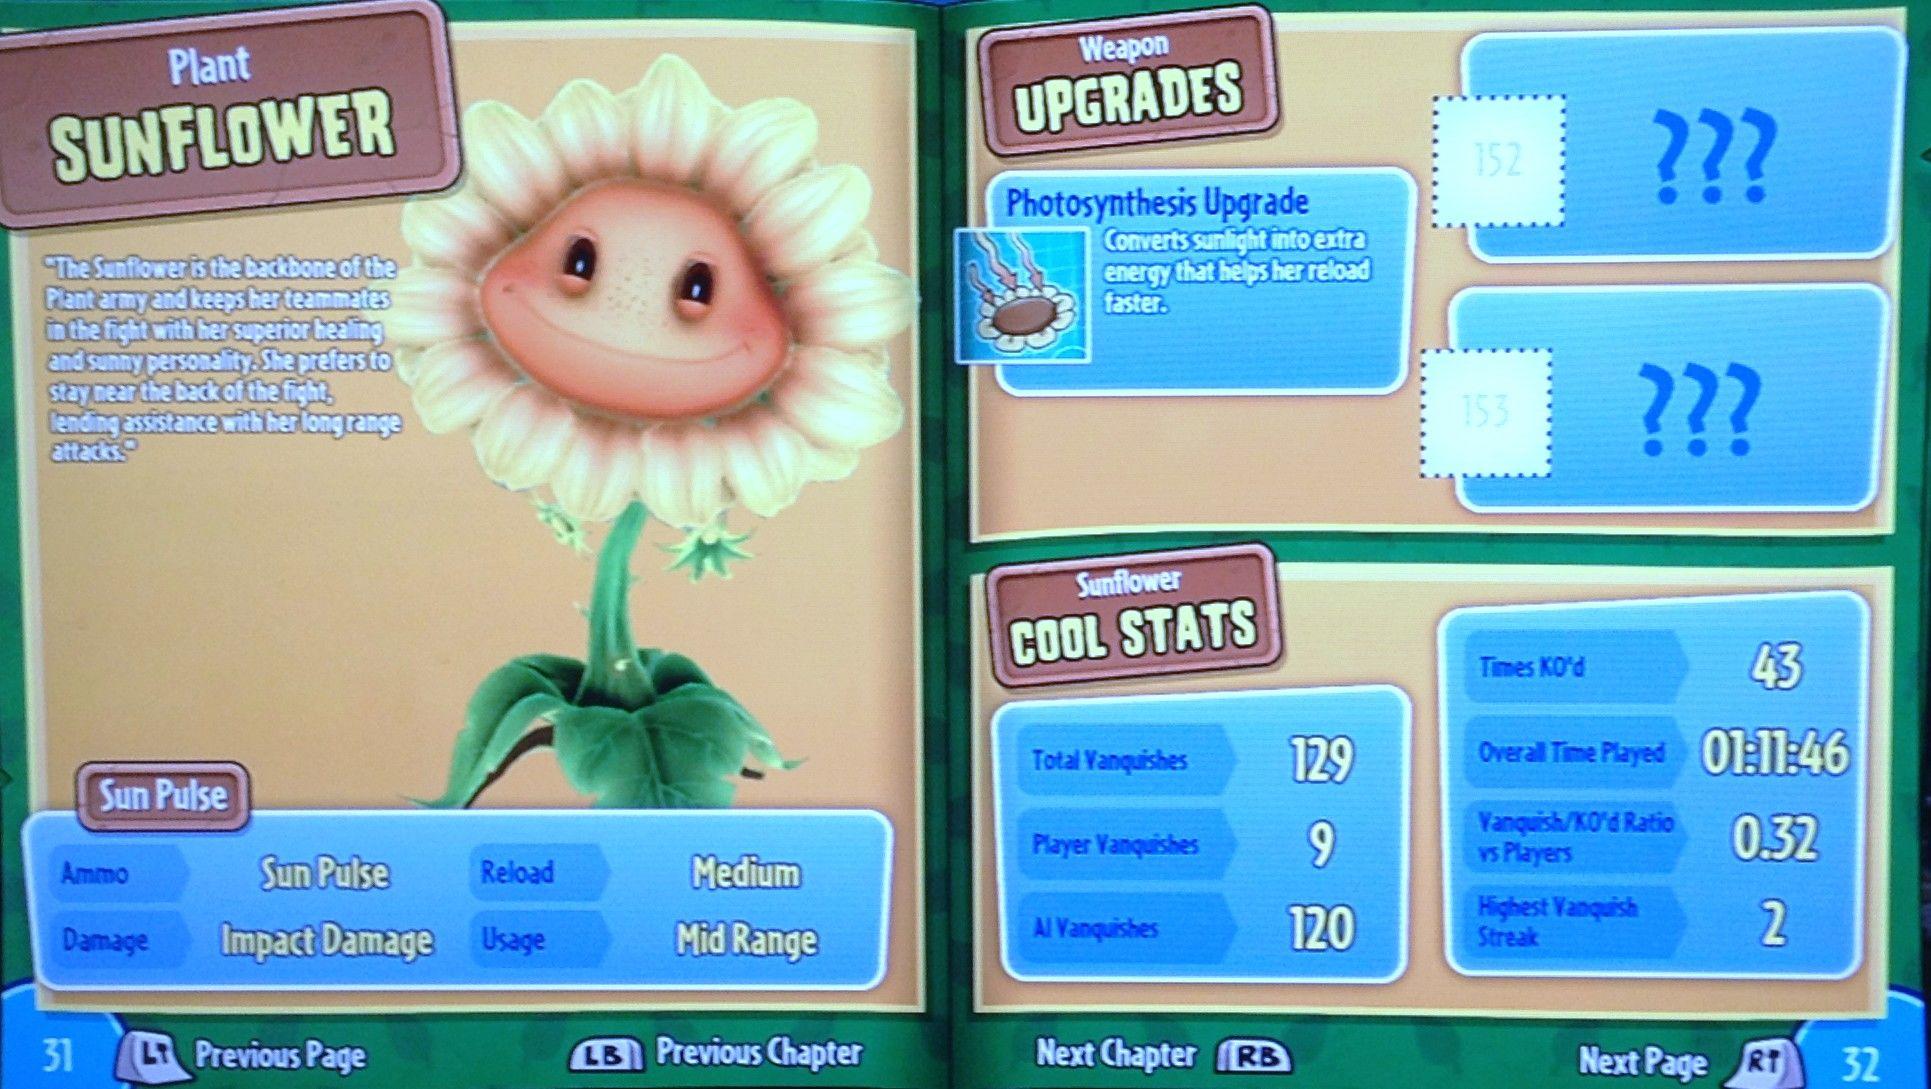 Plants vs Zombies Garden Warfare: Sunflower Guide   Plants